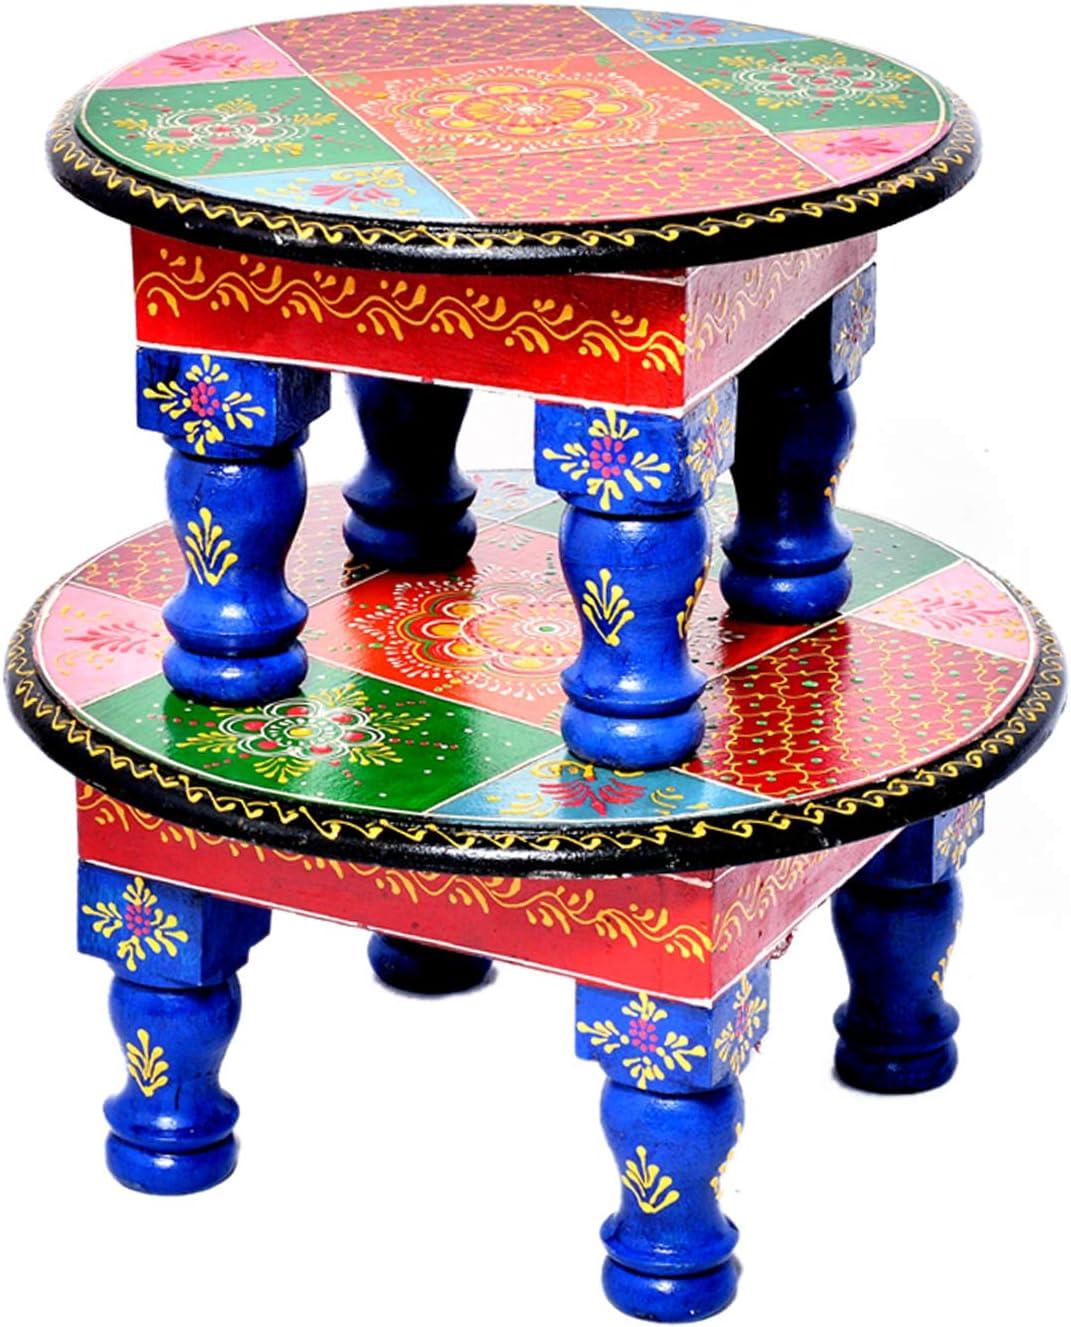 Jaipur - Juego de 2 taburetes de Mesa para Rezar a Diario (Pintados a Mano), diseño de puja Chowki y Bajot: Amazon.es: Hogar